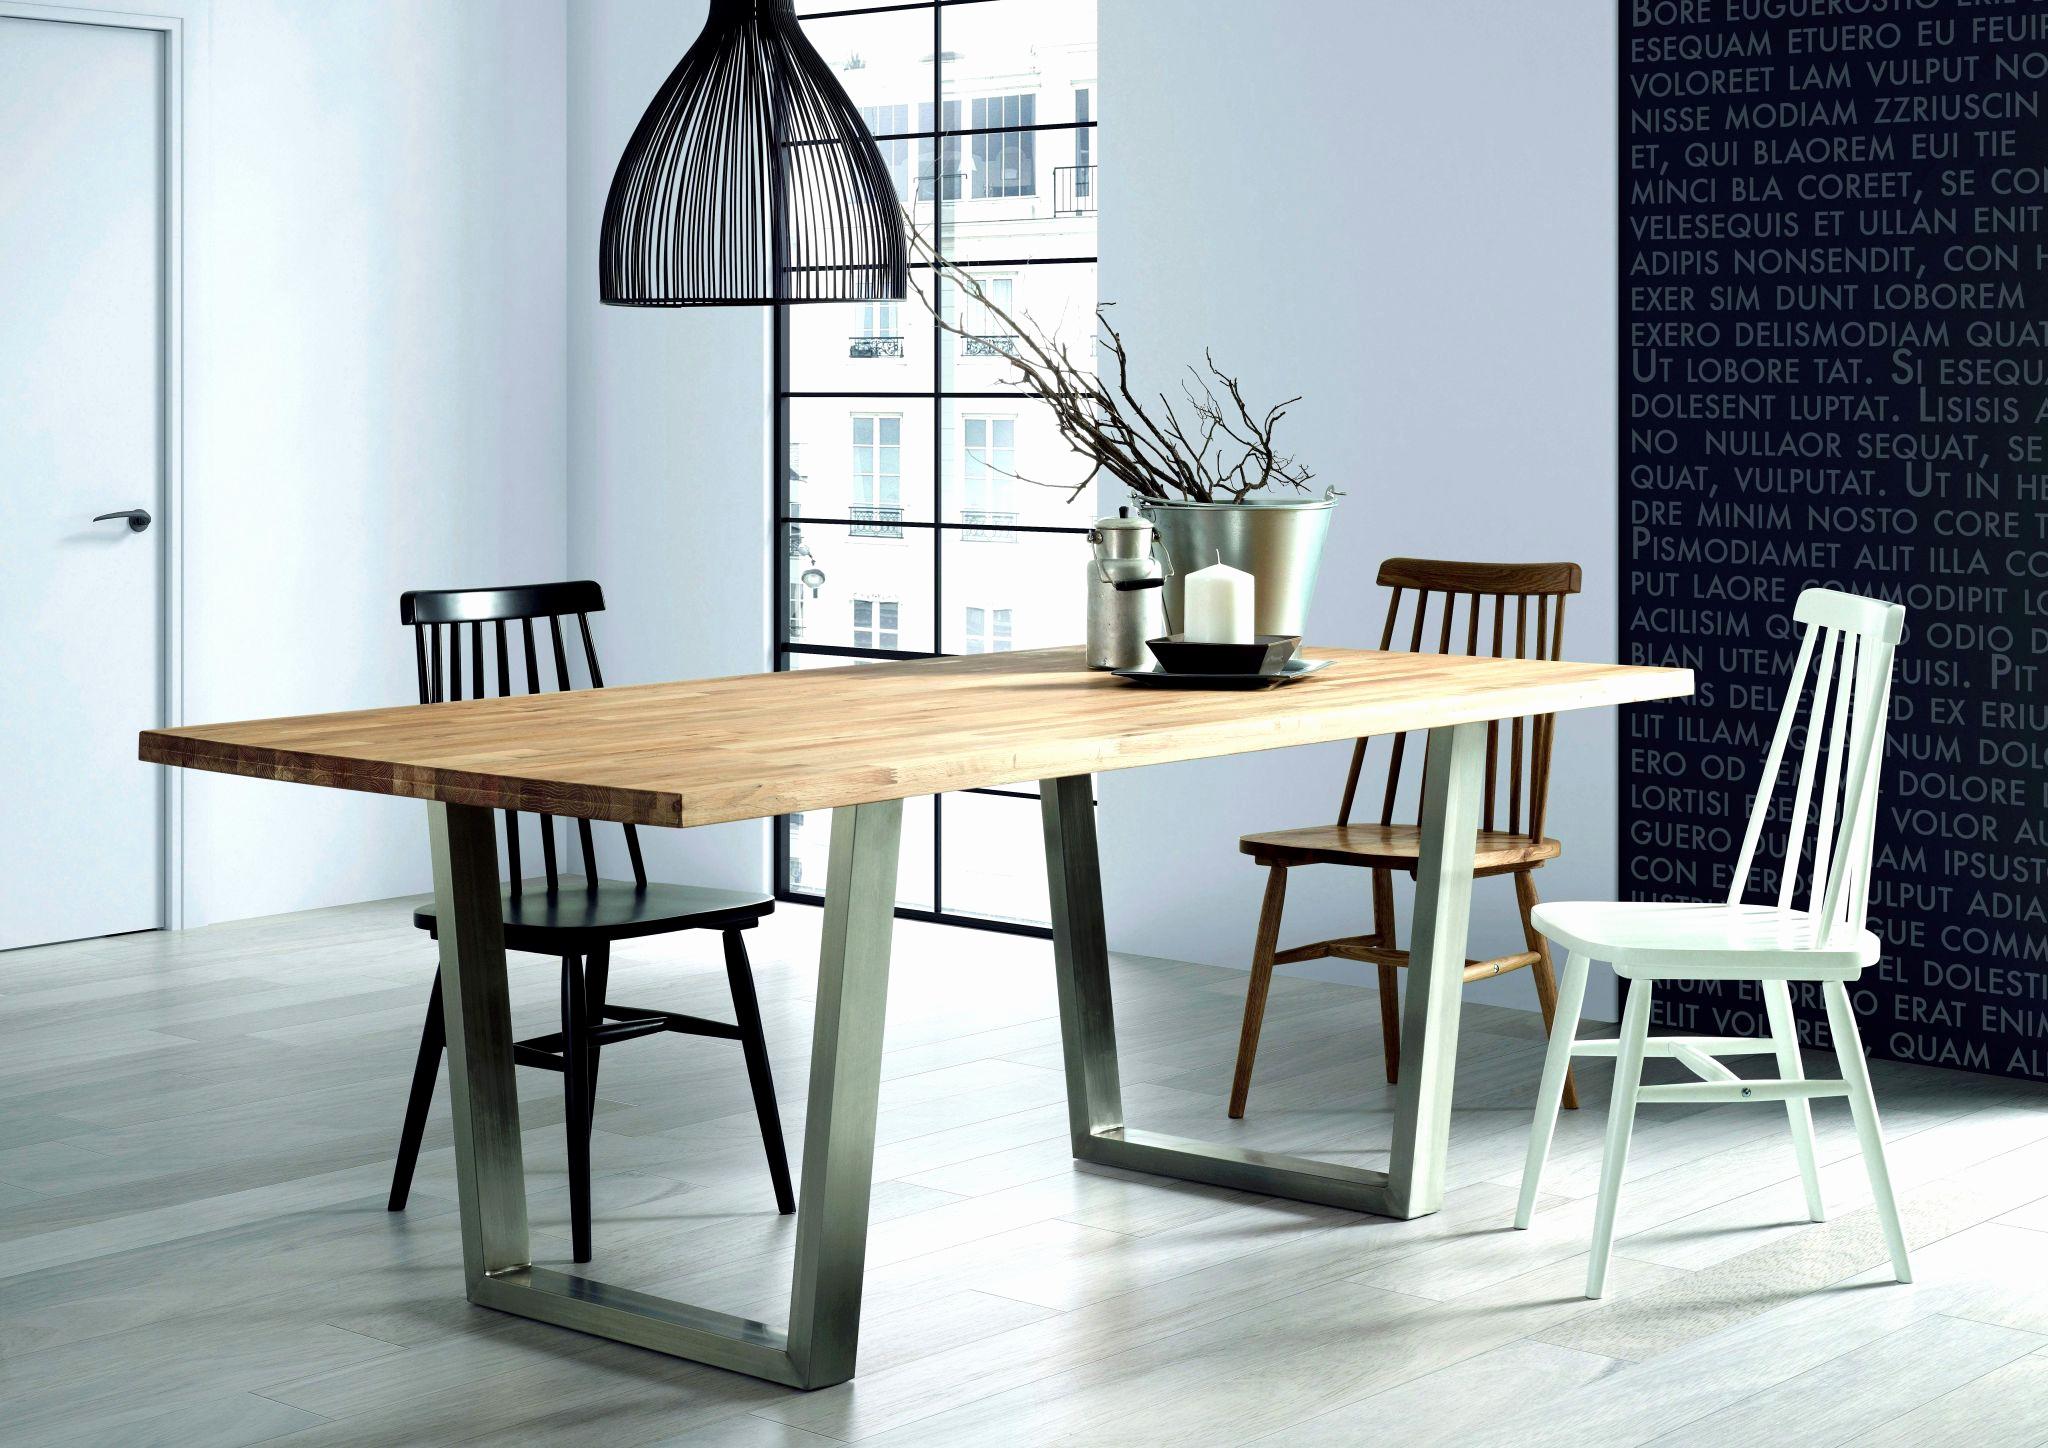 fauteuil jardin avec palettes beau fauteuil jardin avec palettes avec chaise en palette plan frais of fauteuil jardin avec palettes